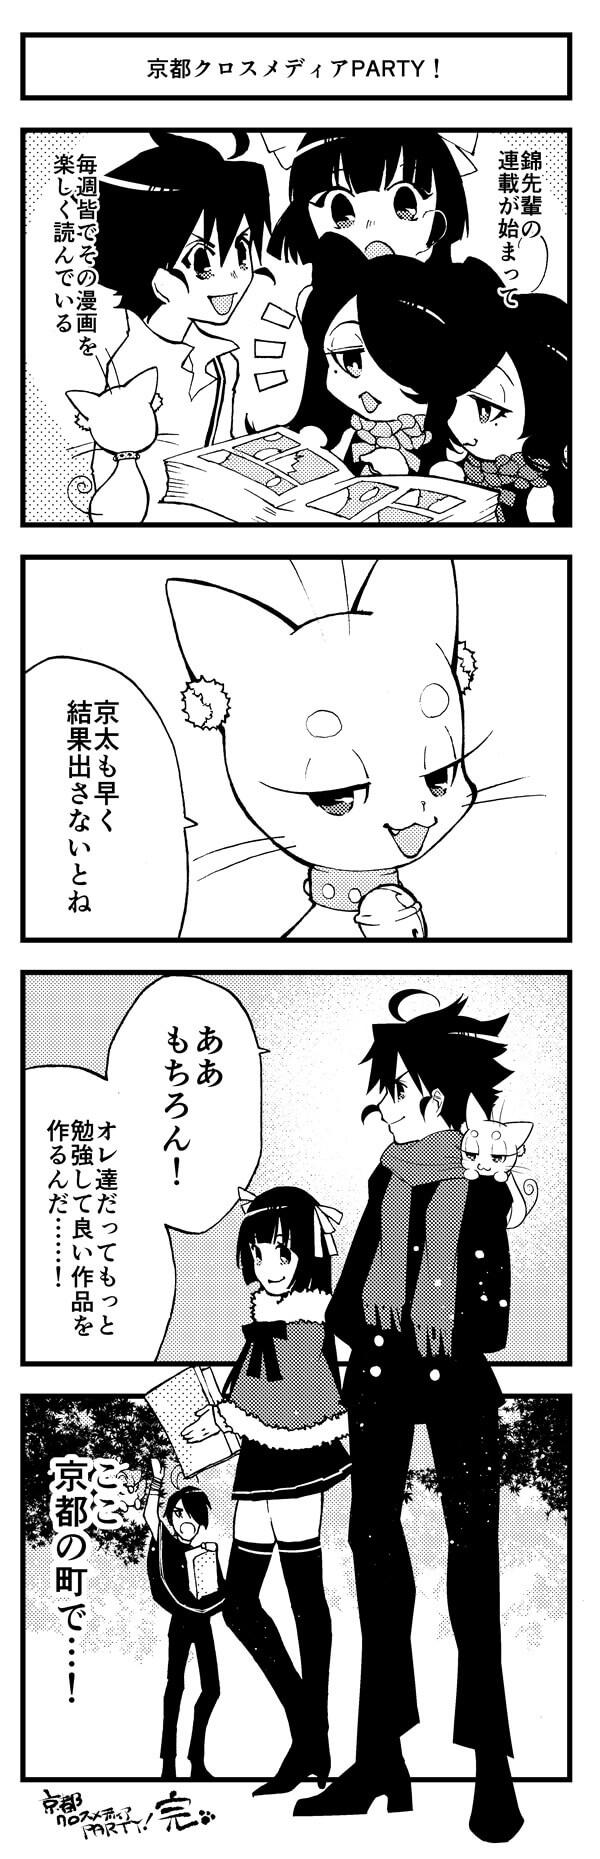 『京都クロスメディアParty!』 【第30話】